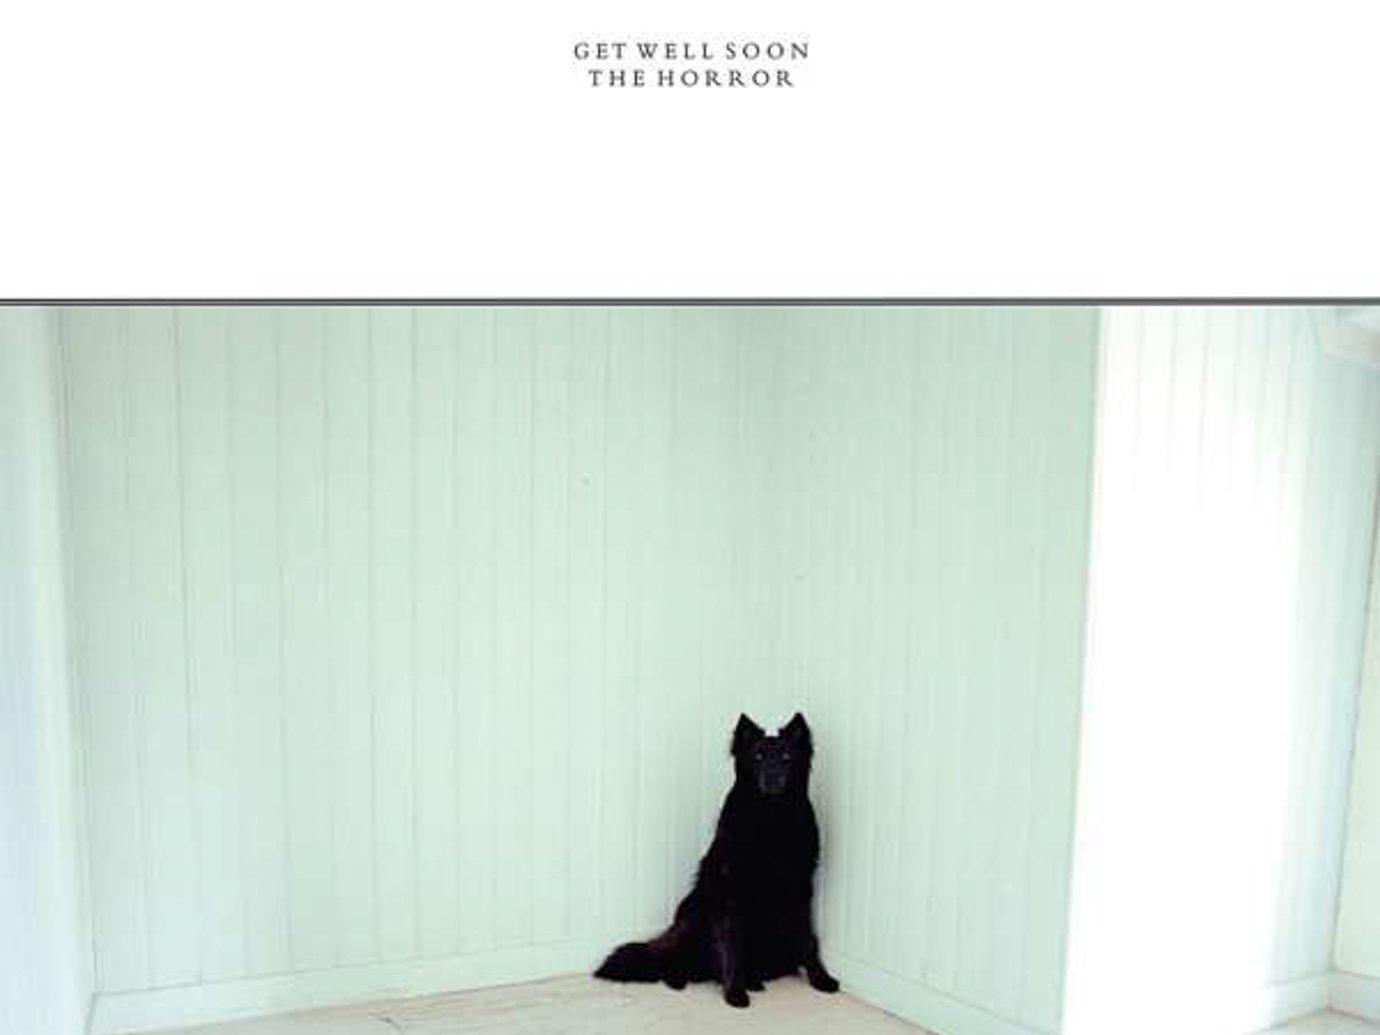 Album der Woche: Get Well Soon – The Horror